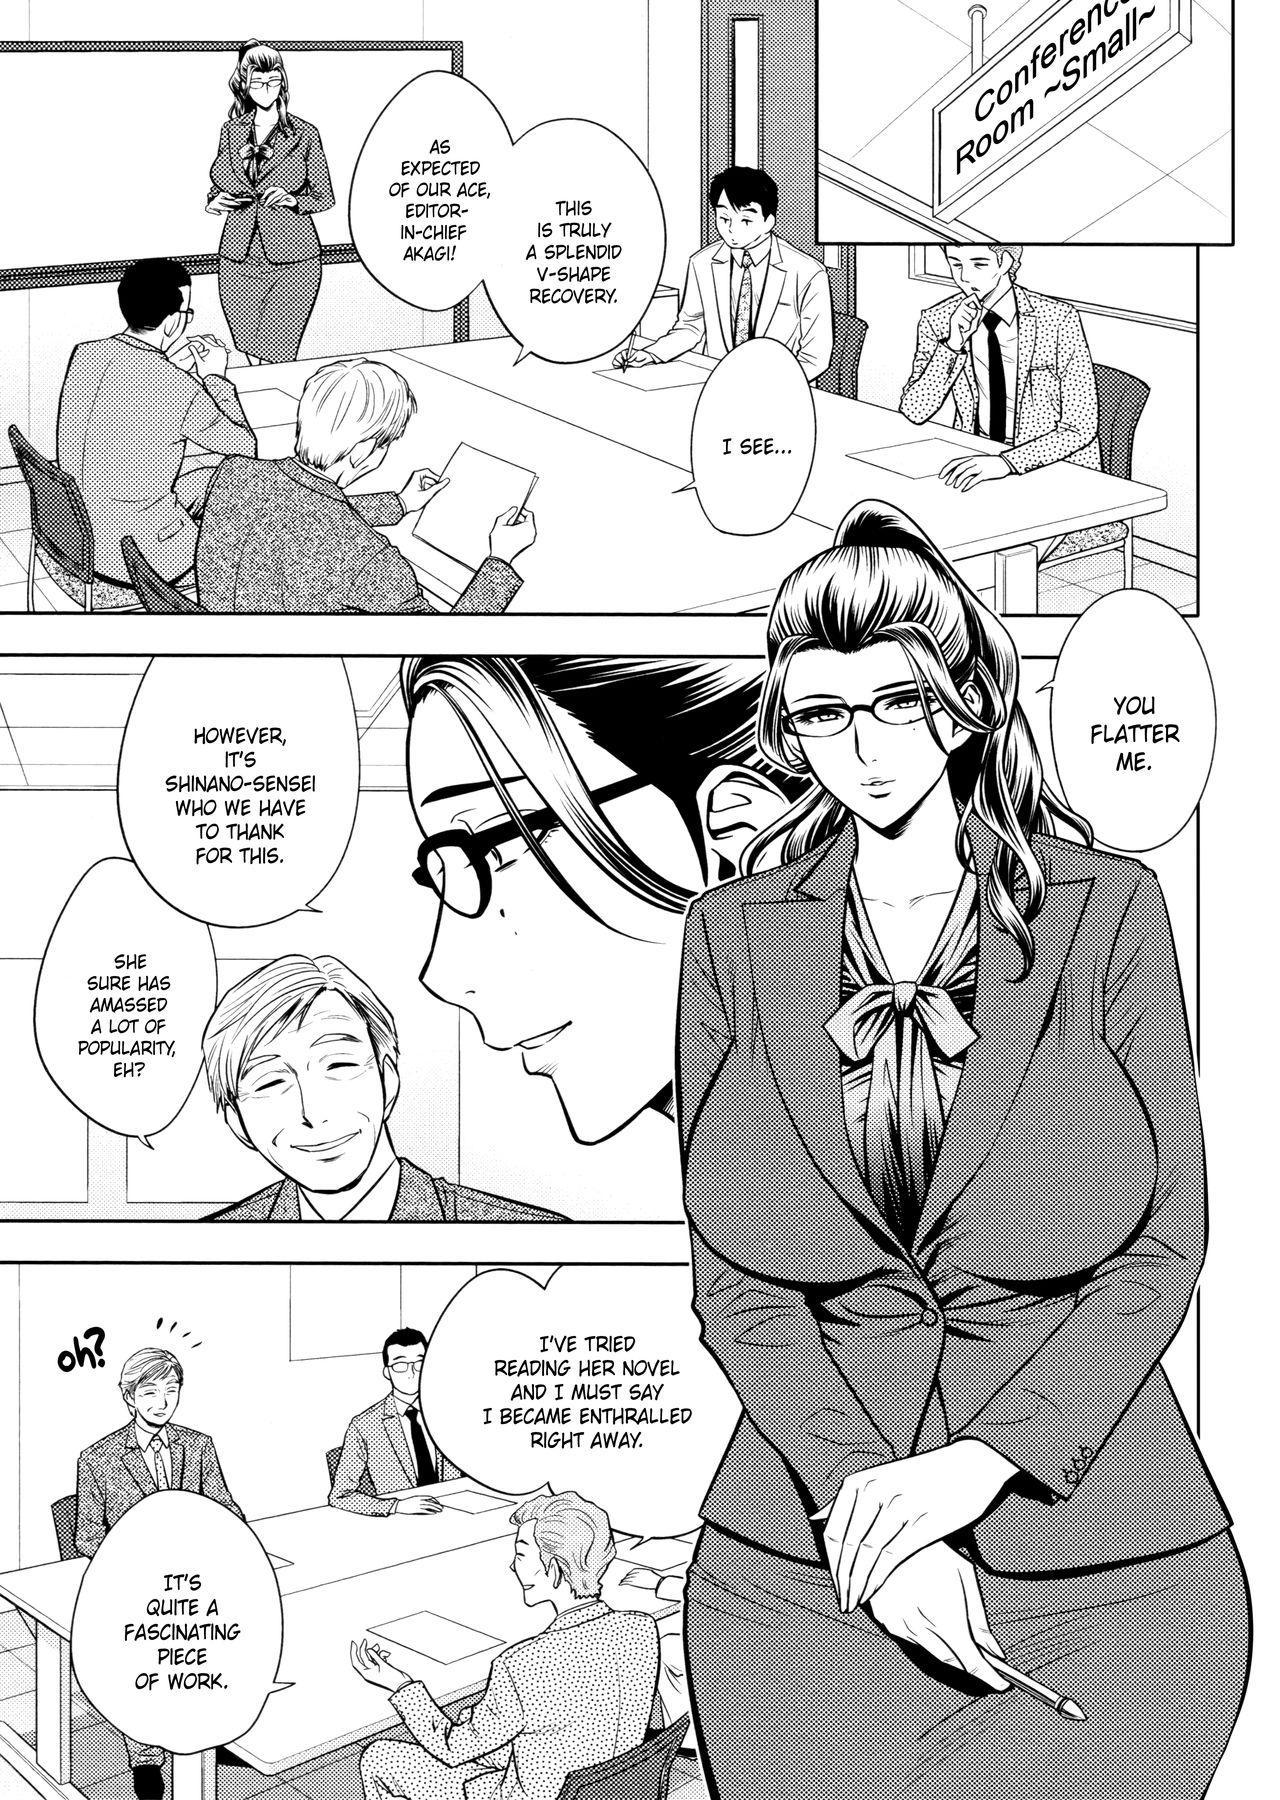 [Tatsunami Youtoku, Yamasaki Masato] Bijin Henshuu-chou no Himitsu | Beautiful Editor-in-Chief's Secret Ch. 1-8 [English] [Forbiddenfetish77, Red Vodka, Crystalium, CEDR777] [Decensored] 132